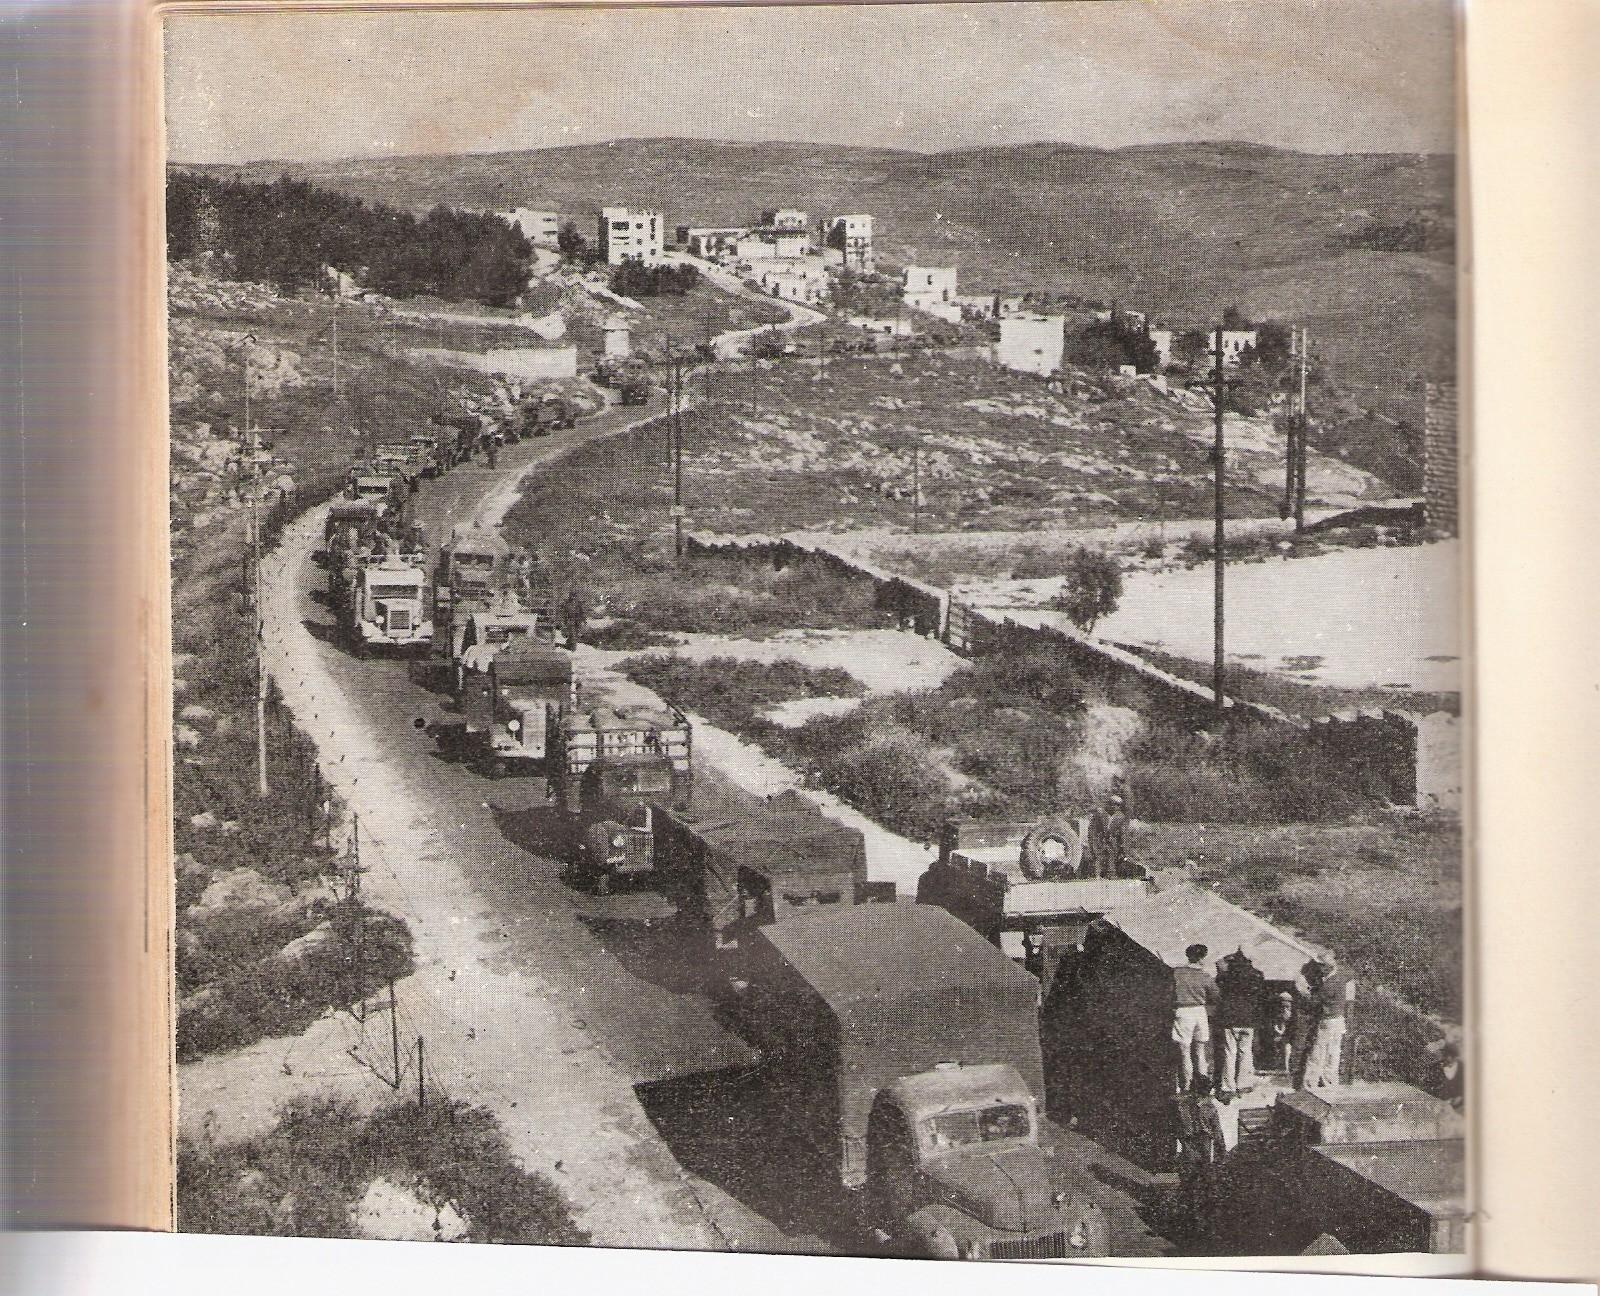 שיירת אספקה מהשפלה פורצת את המצור לירושלים